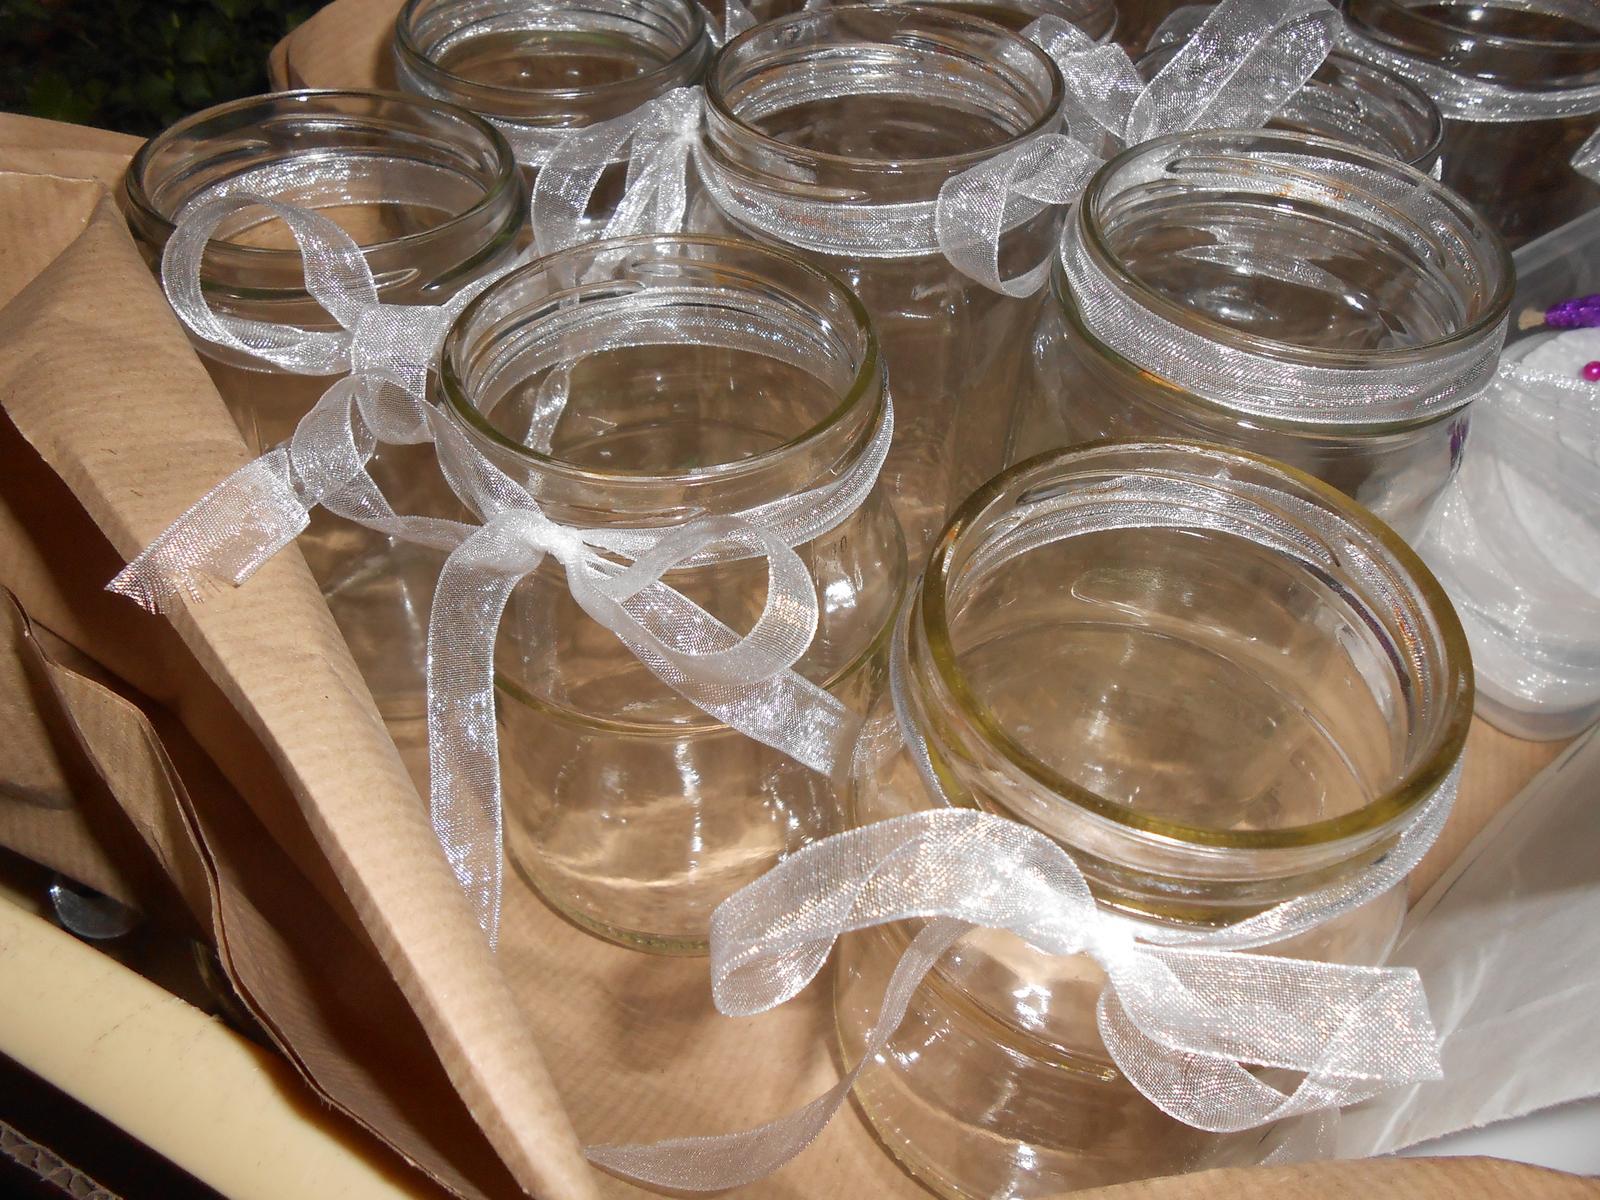 Prípravy v plnom prúde T&N - v pohároch chýbajú ešte kamienky a mušle